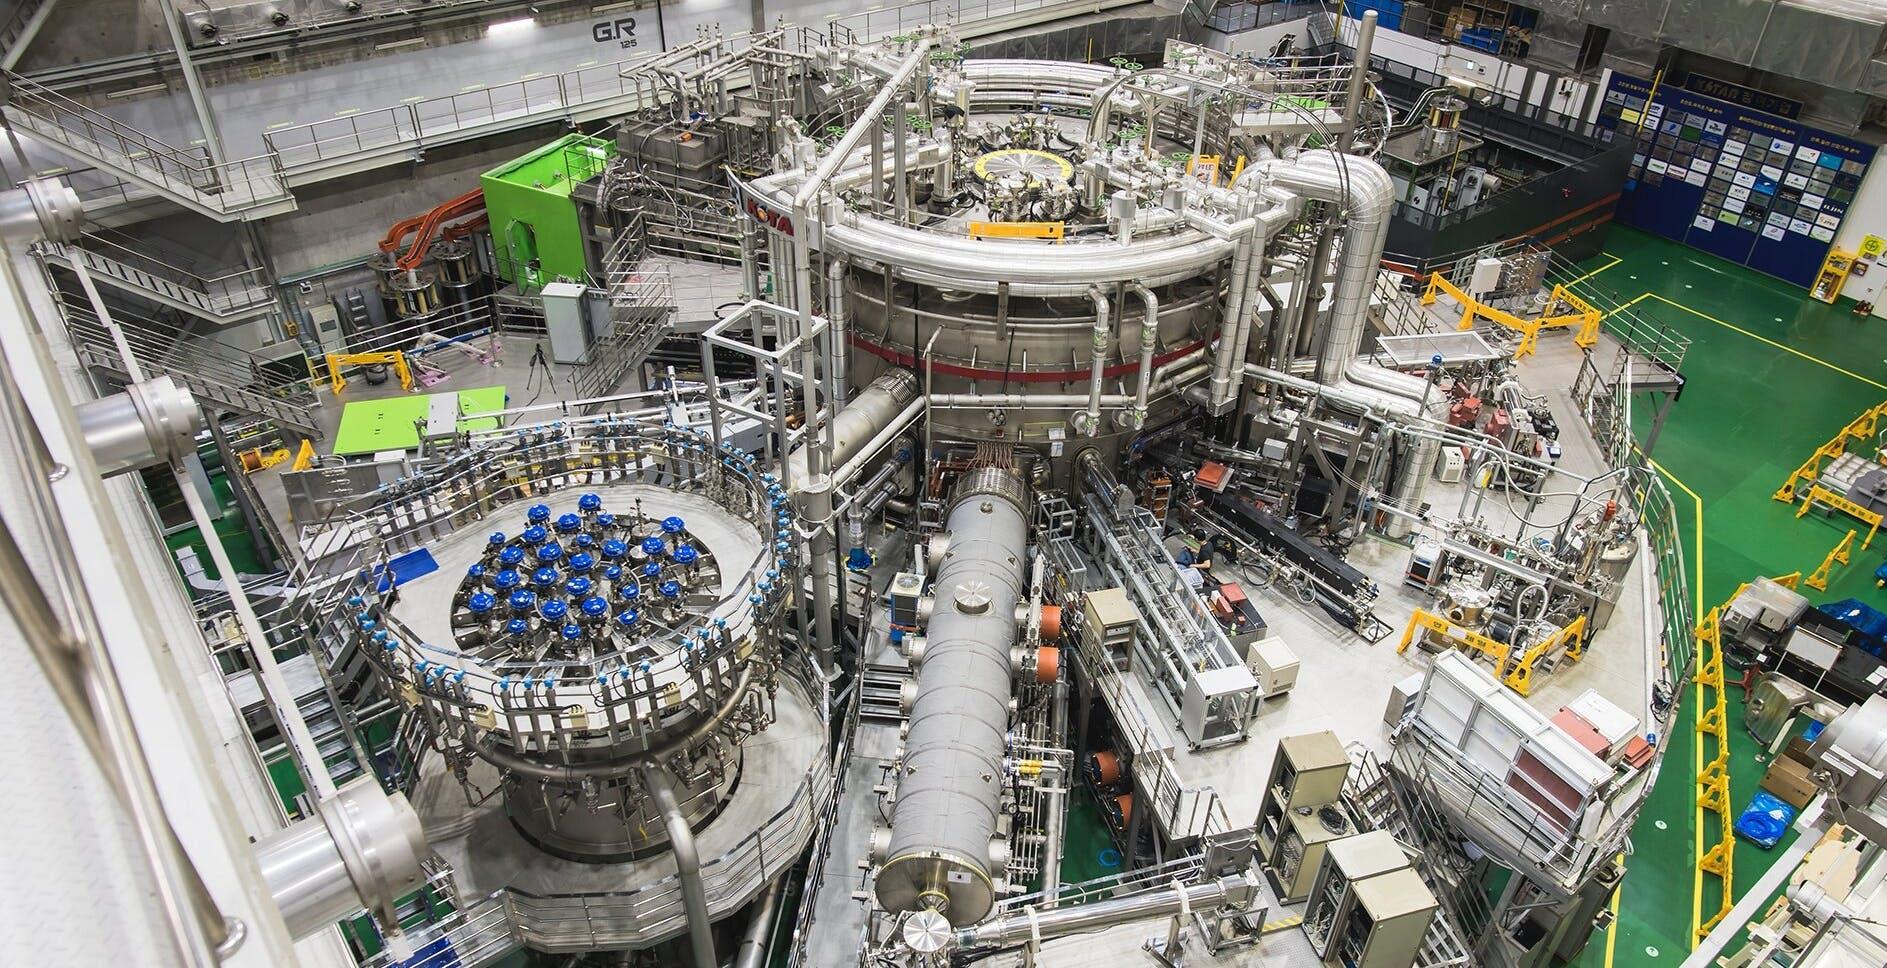 Nuovo record verso la fusione nucleare: 20 secondi a 100 milioni di gradi